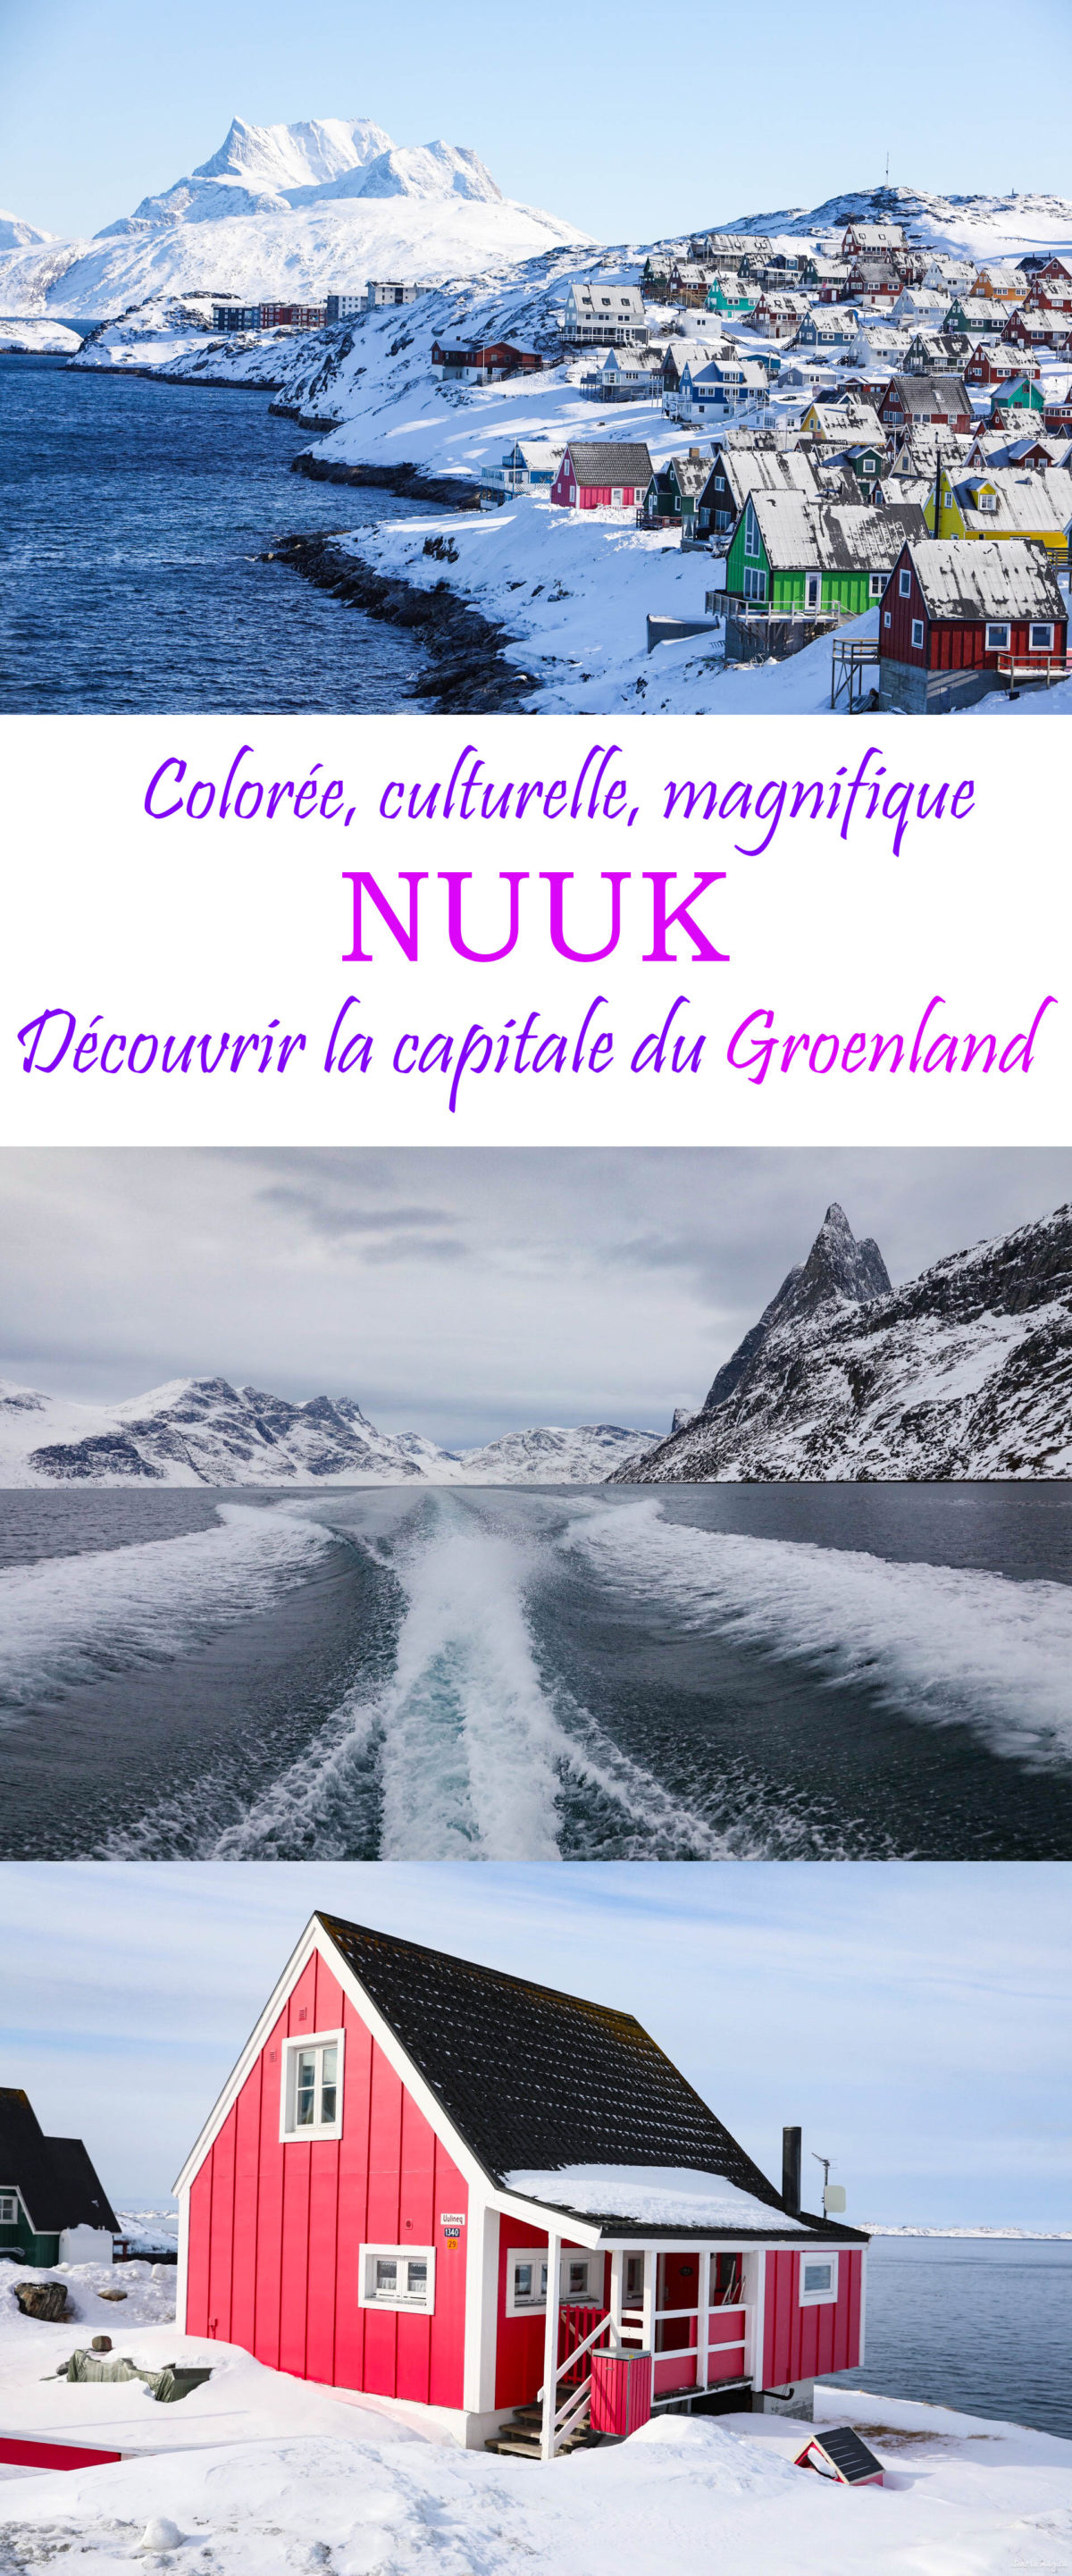 Découvrez la fabuleuse capitale du Groenland : Nuuk ! Colorée, culturelle, fabuleuse, Nuuk est l'incontournable d'un voyage au #Groenland.